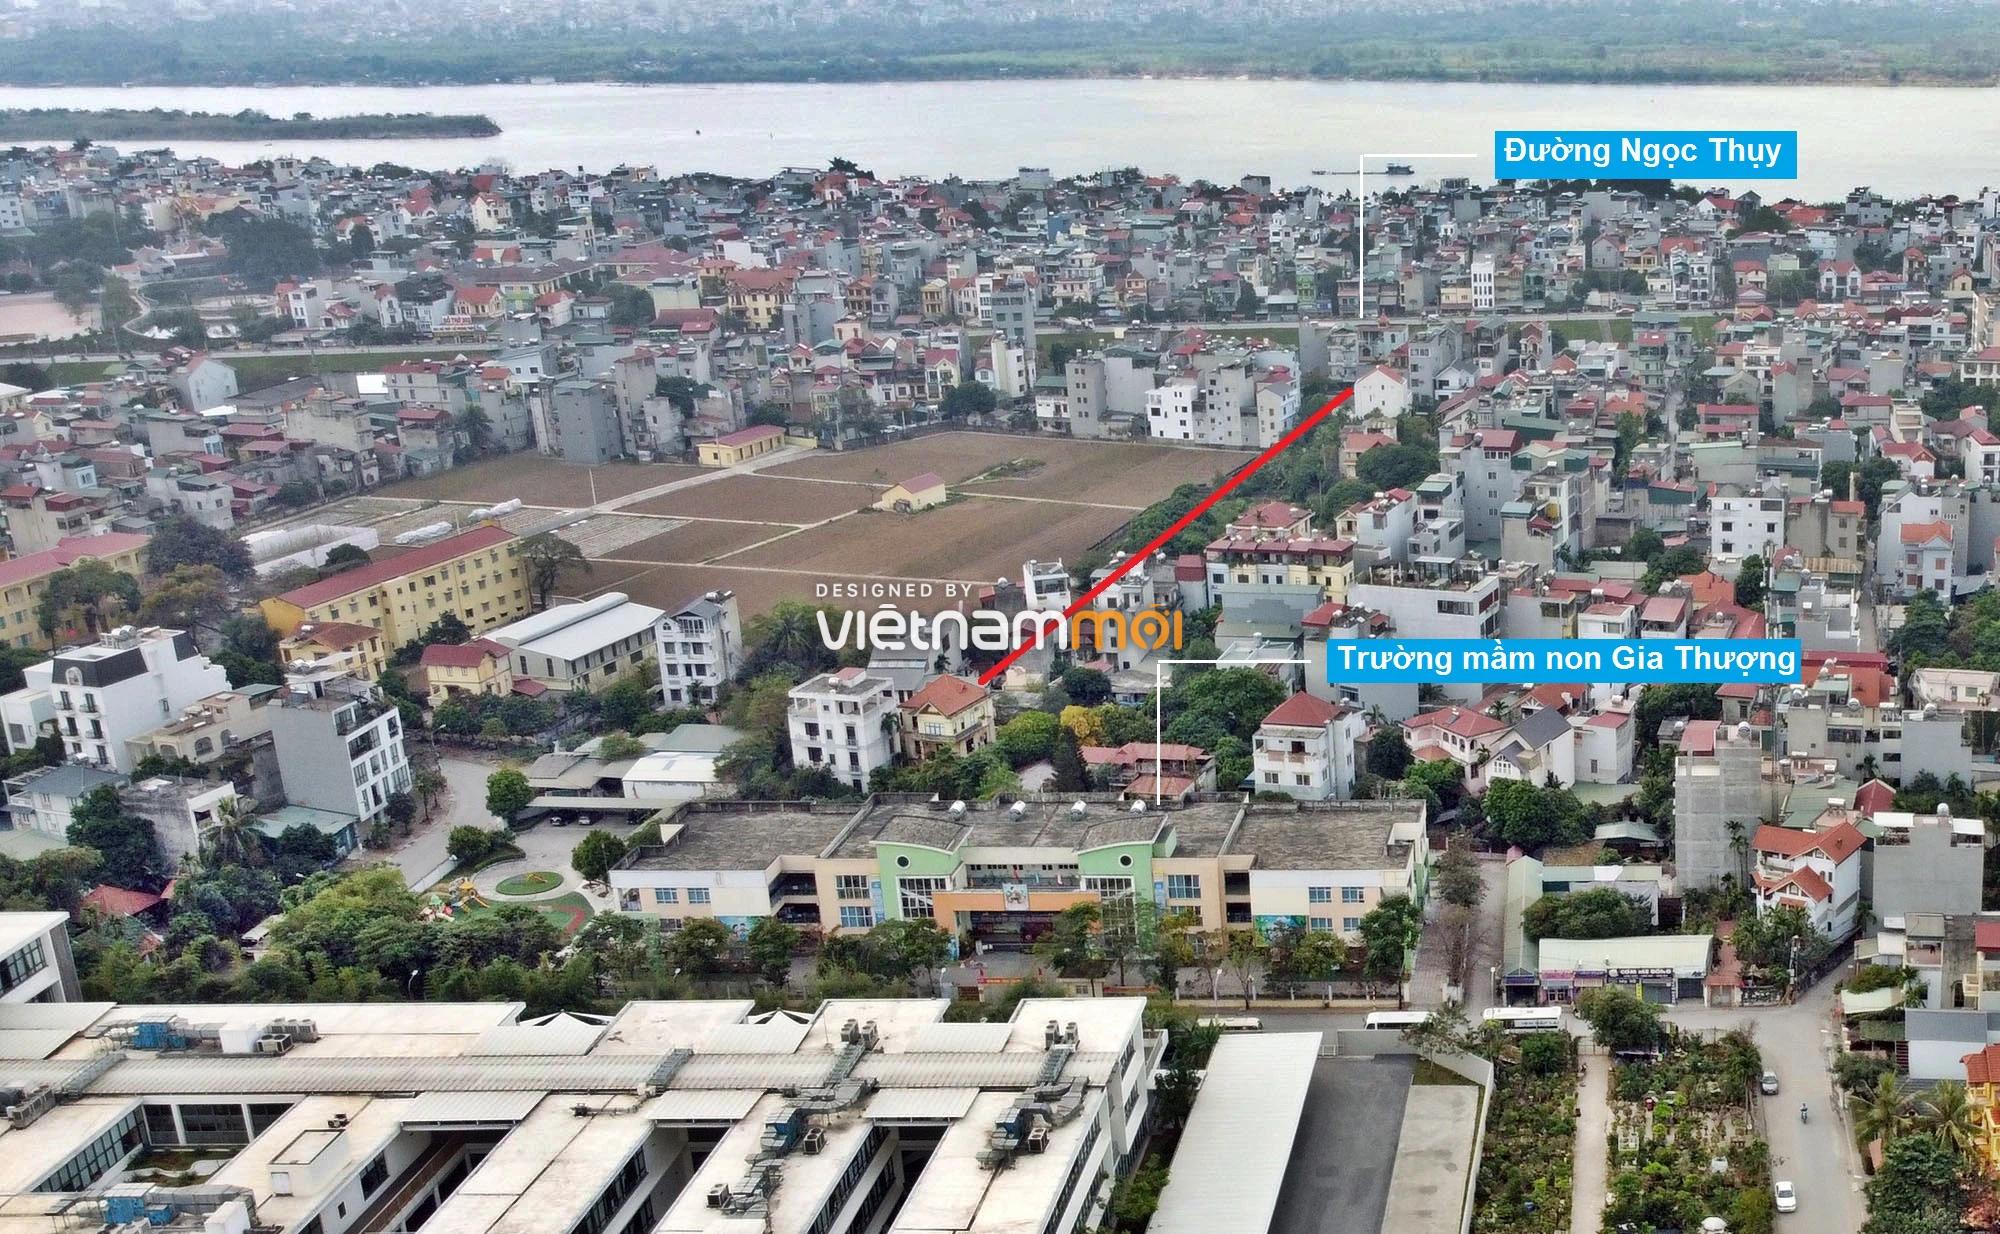 Đường sẽ mở theo quy hoạch ở phường Ngọc Thụy, Long Biên, Hà Nội (phần 4) - Ảnh 10.